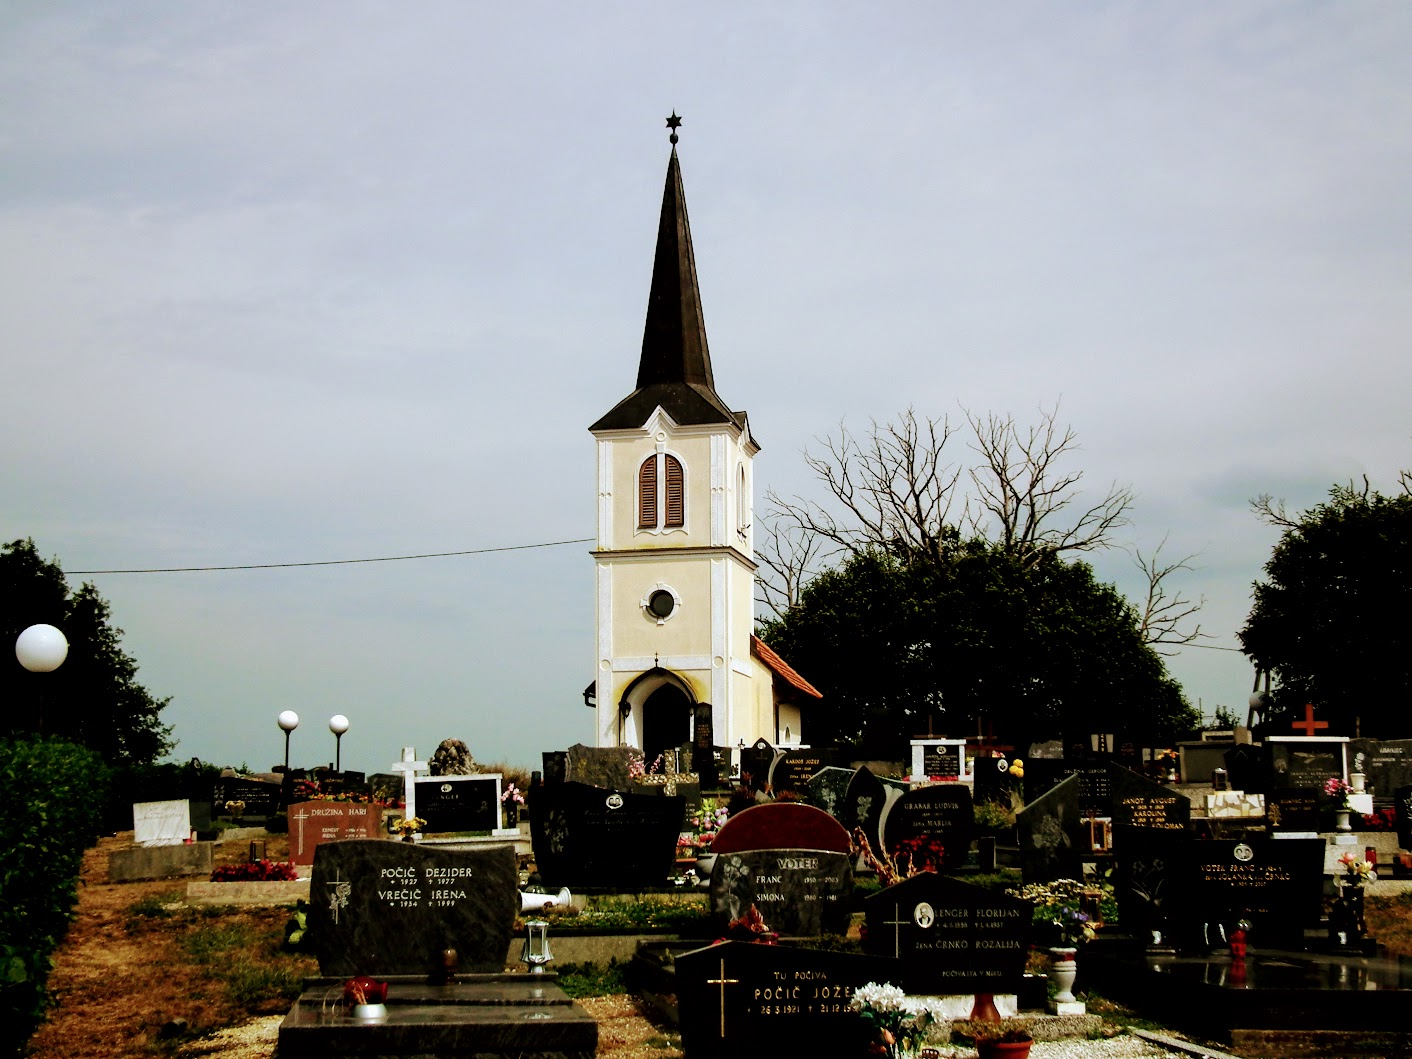 Fokovci (Úrdomb) - kapela na pokopališču (temetőkápolna)